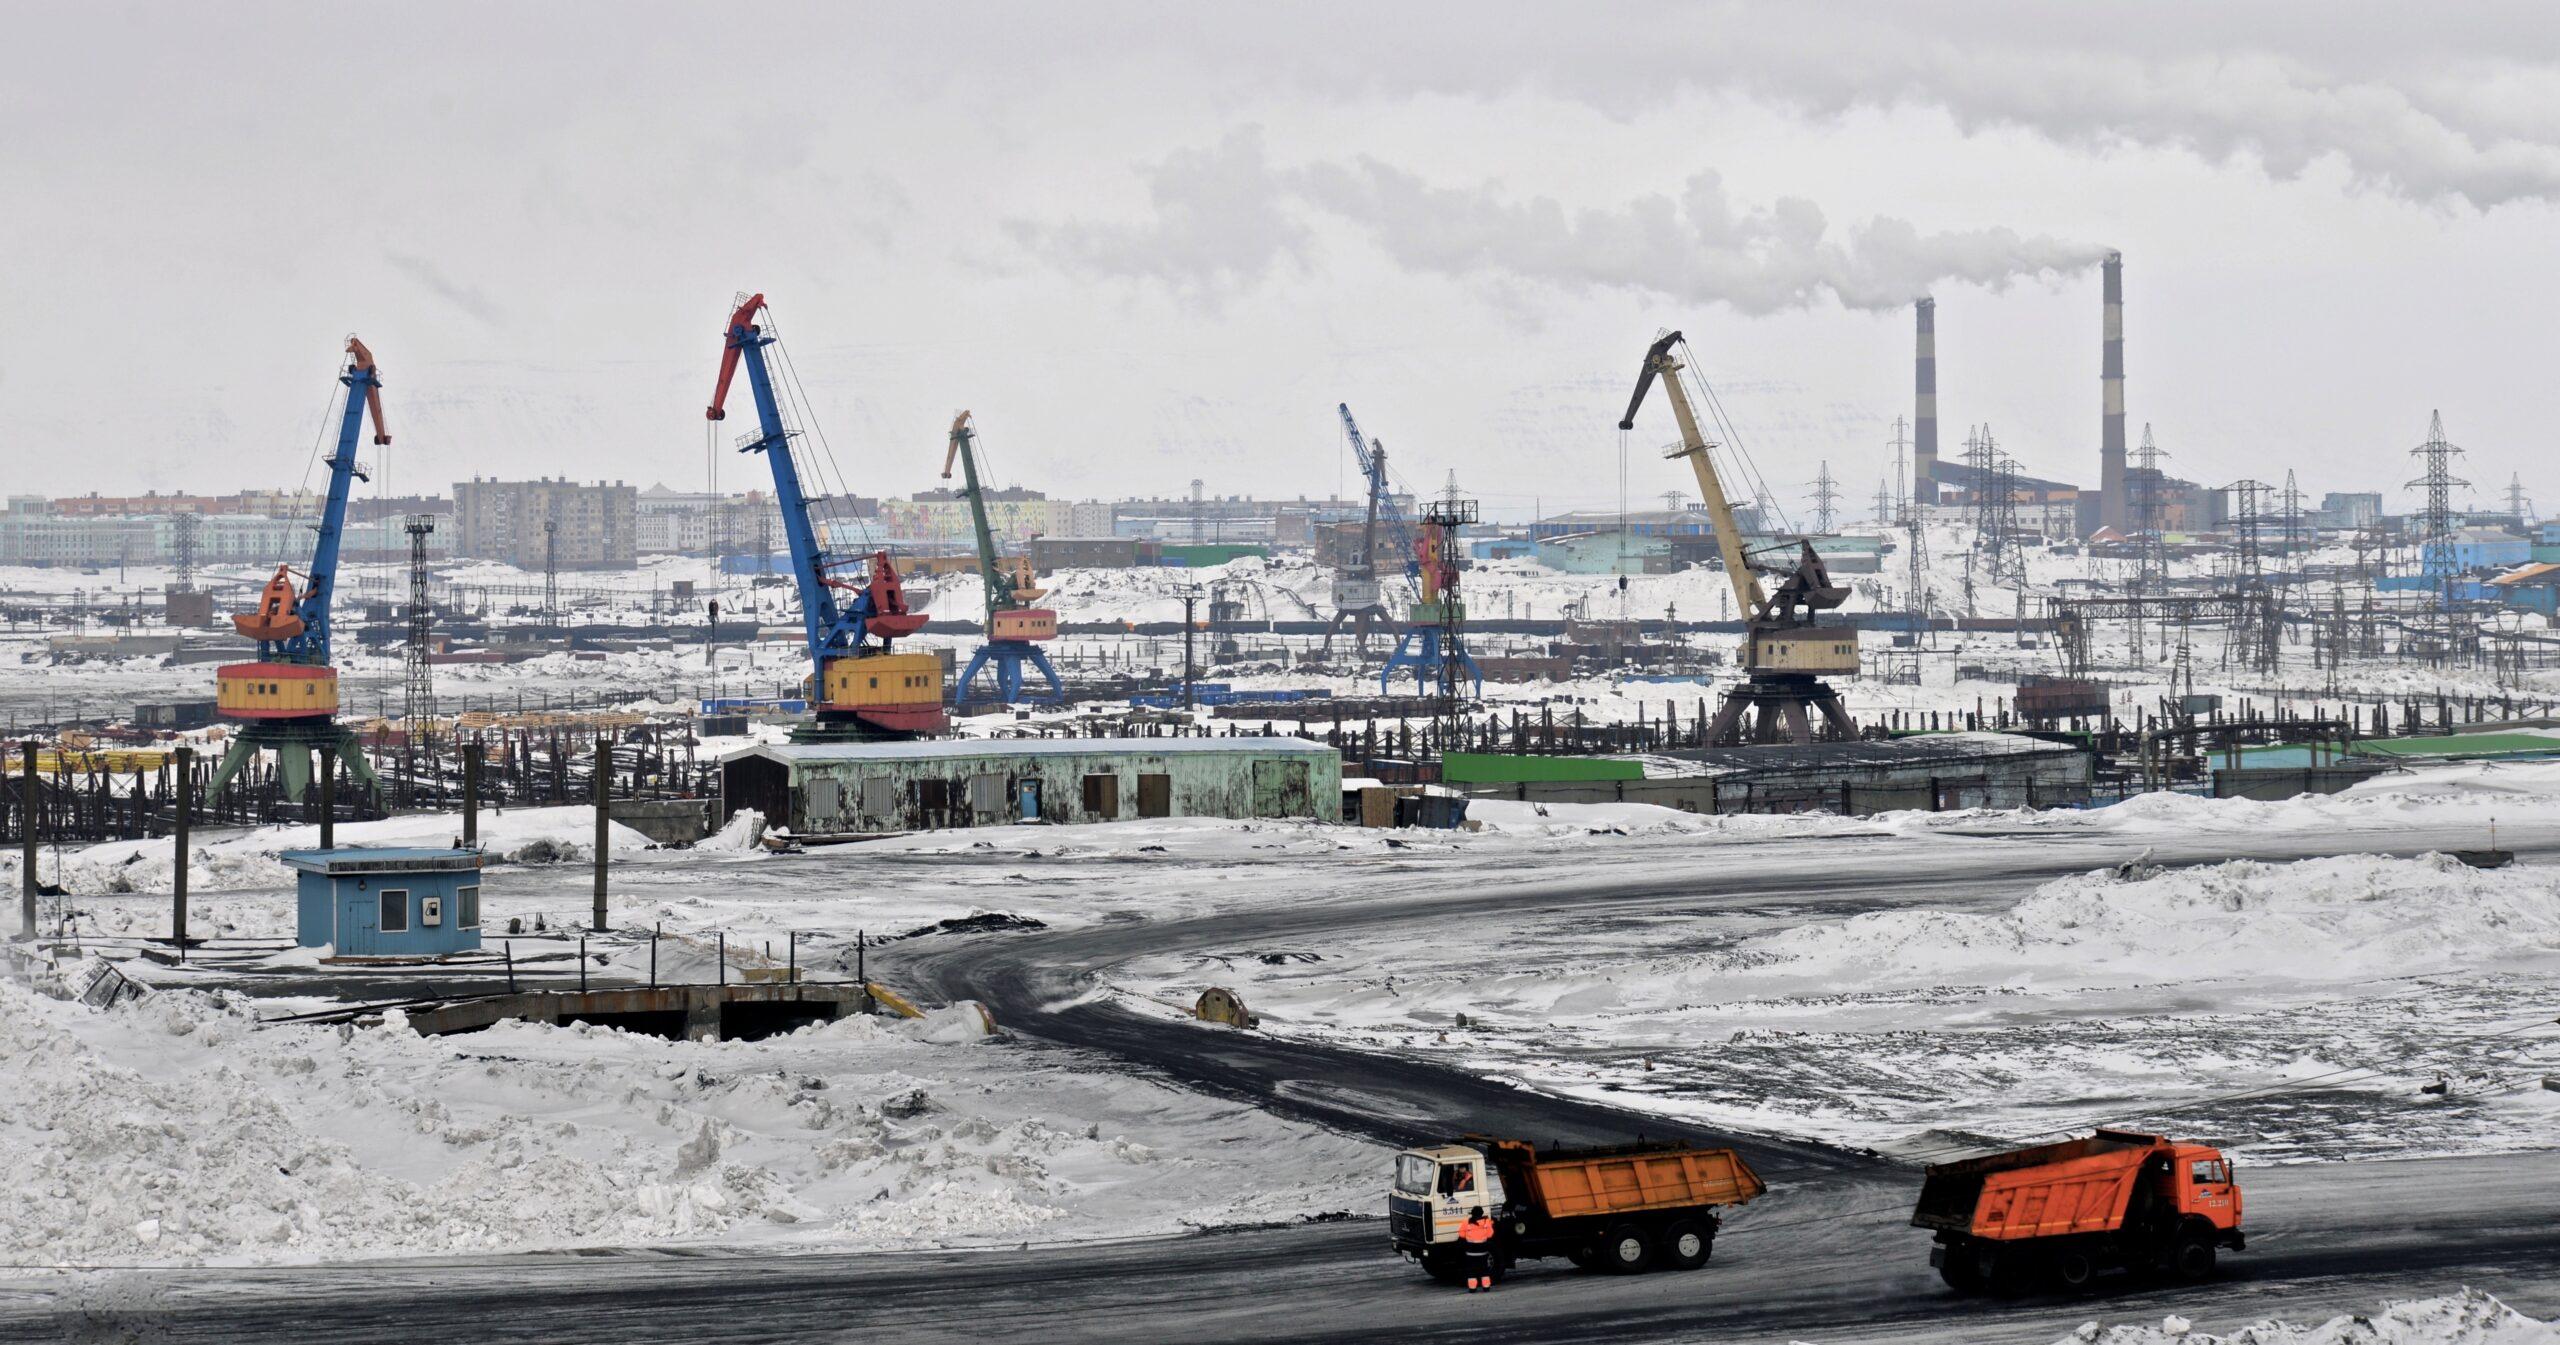 Norilsk. Die Nickelindustrie hat die Grossstadt immer noch fest in der Hand. Verschmutzung und ein Flair wie aus Sowjetzeiten sind die bleibenden Eindrücke.